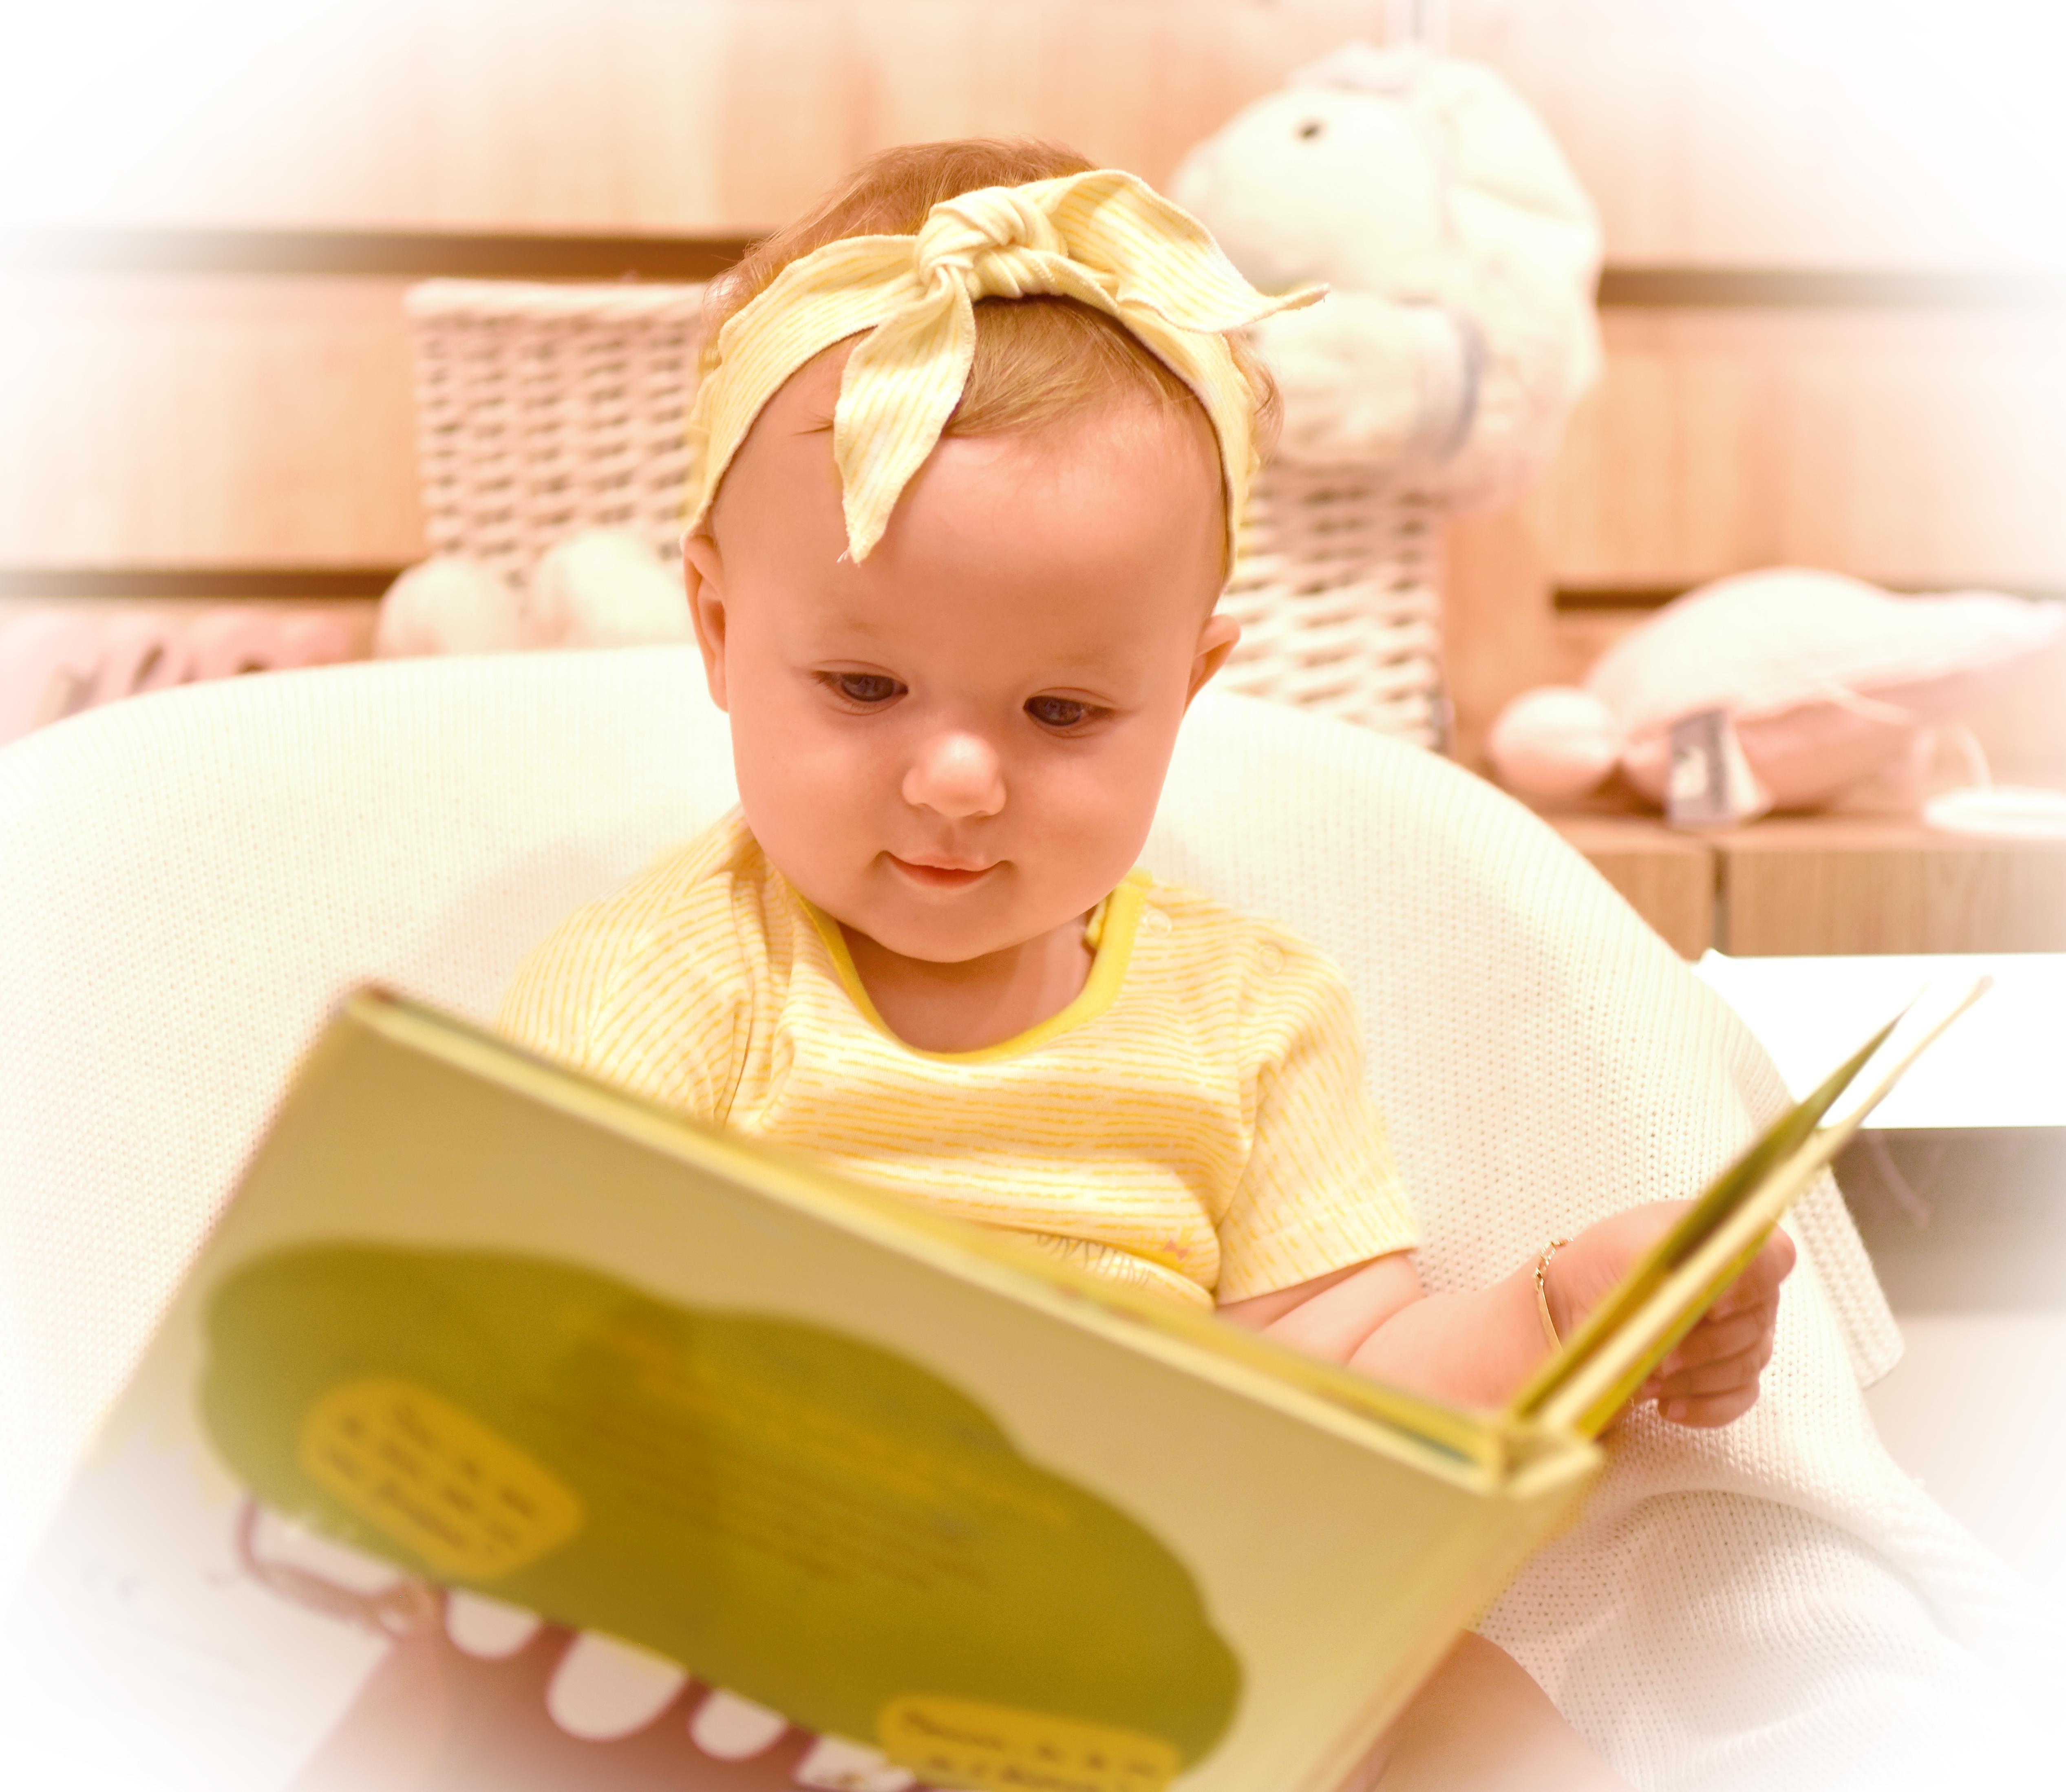 Jak učinit dítě spokojené a šťastné - část 3